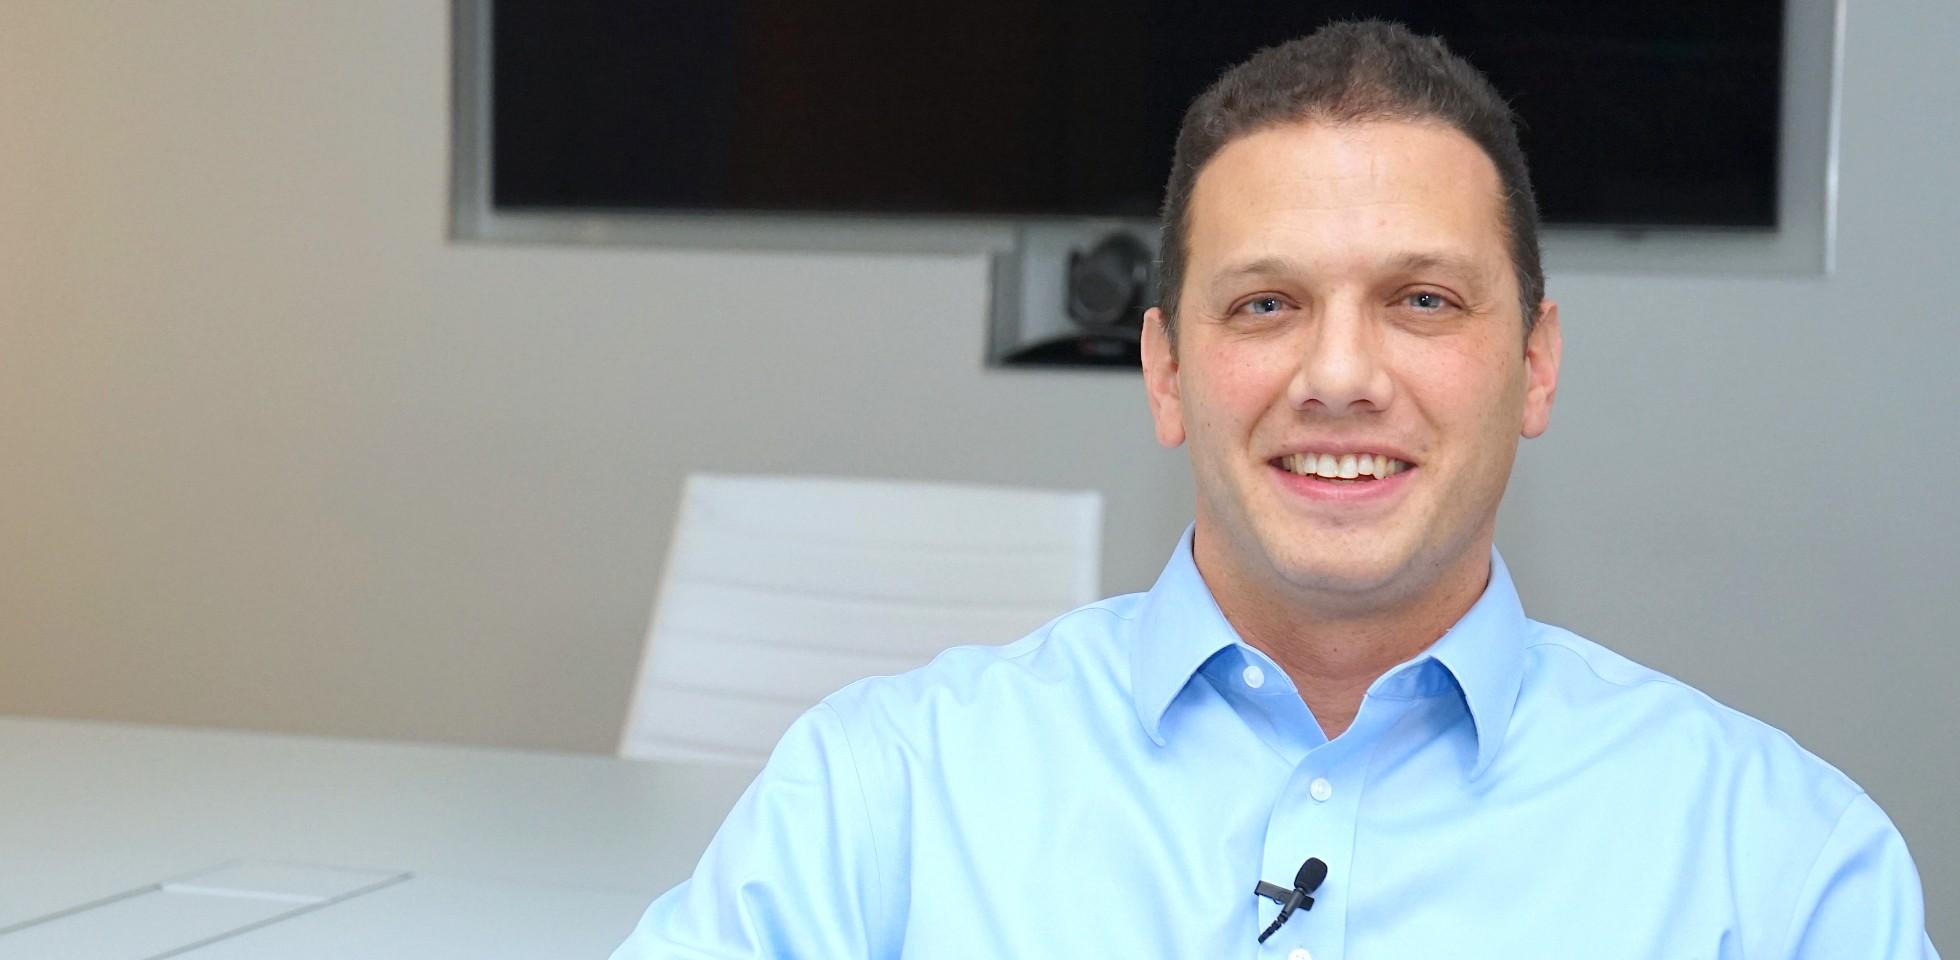 Steve Freishtat, Senior Director of Finance - Washington REIT Careers